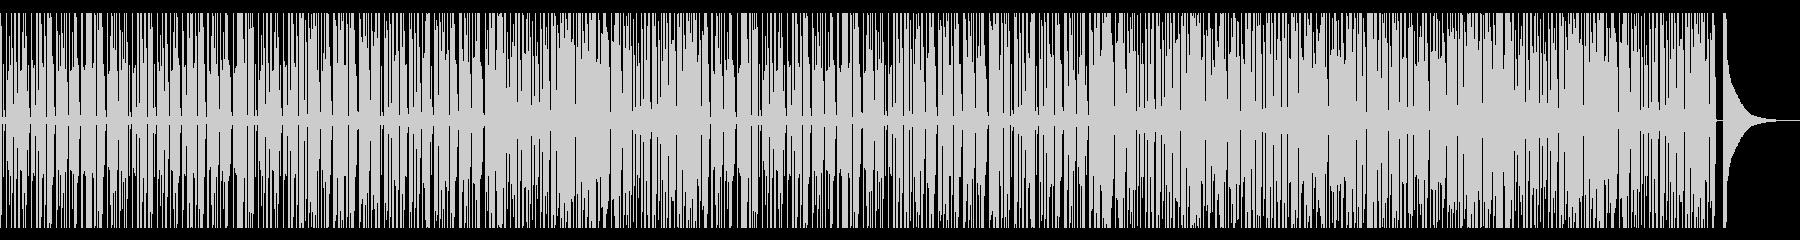 アーバンメロウなソウルポップの未再生の波形